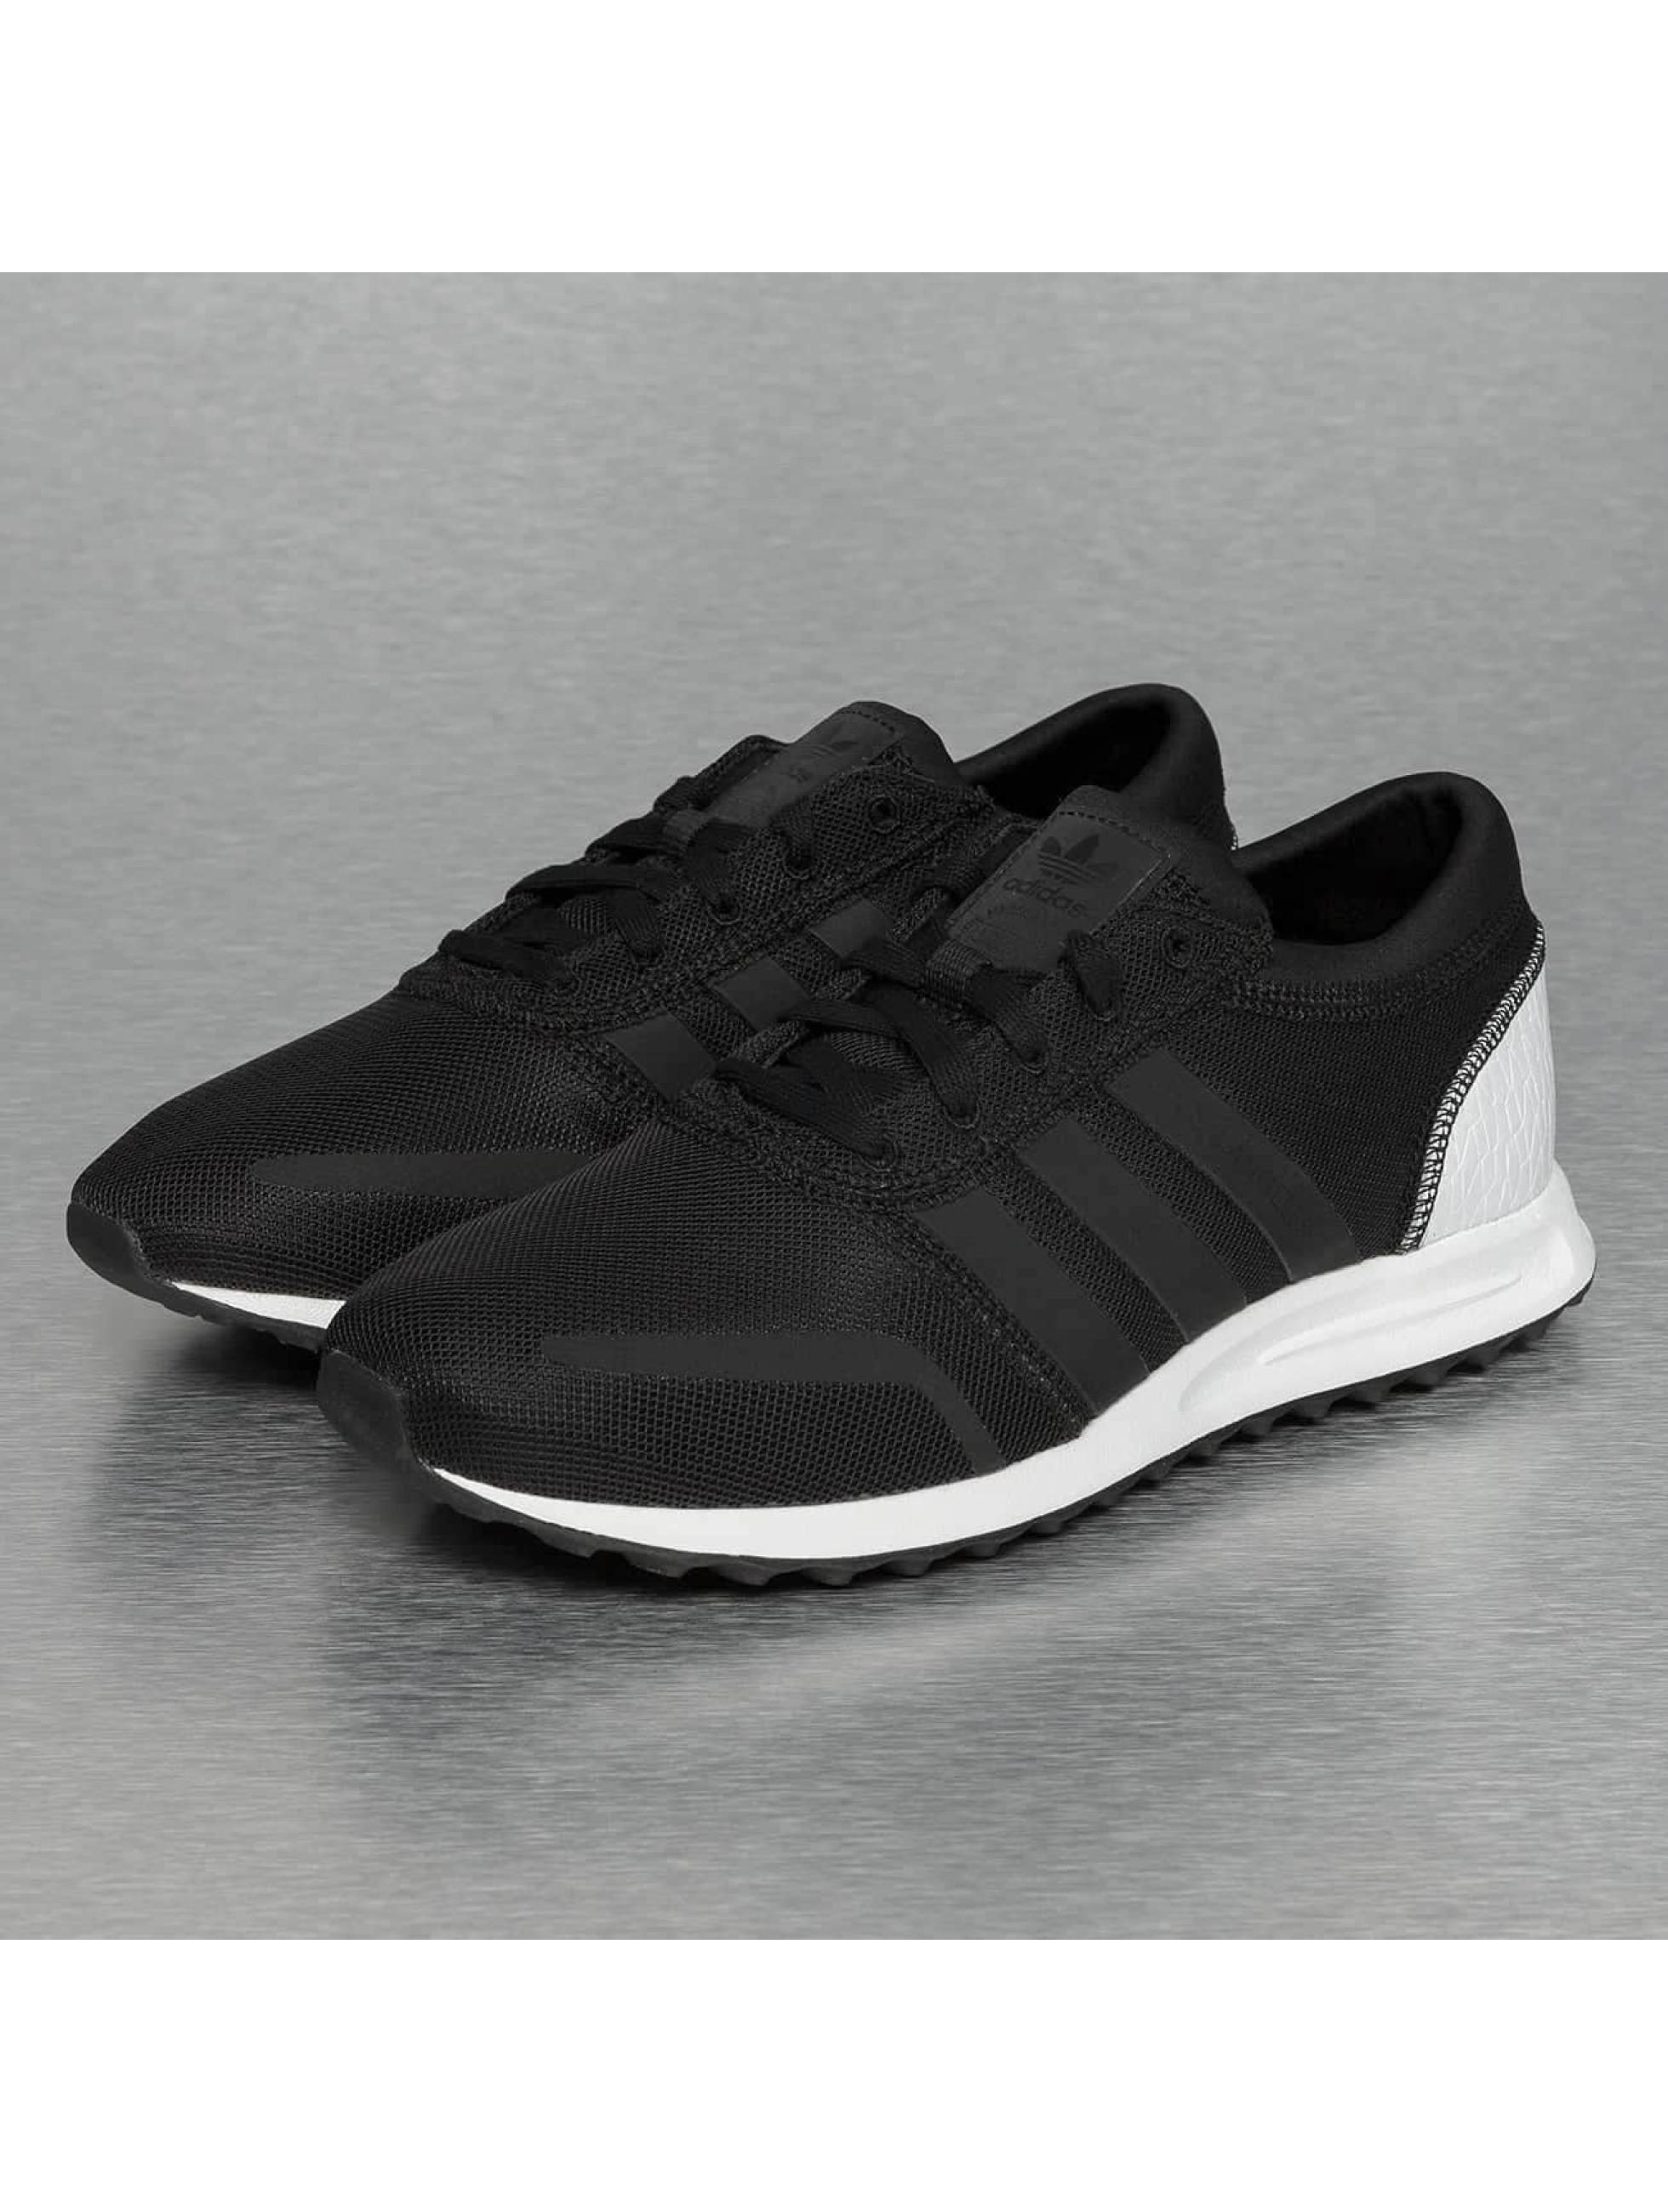 Adidas Los Angeles Bunt